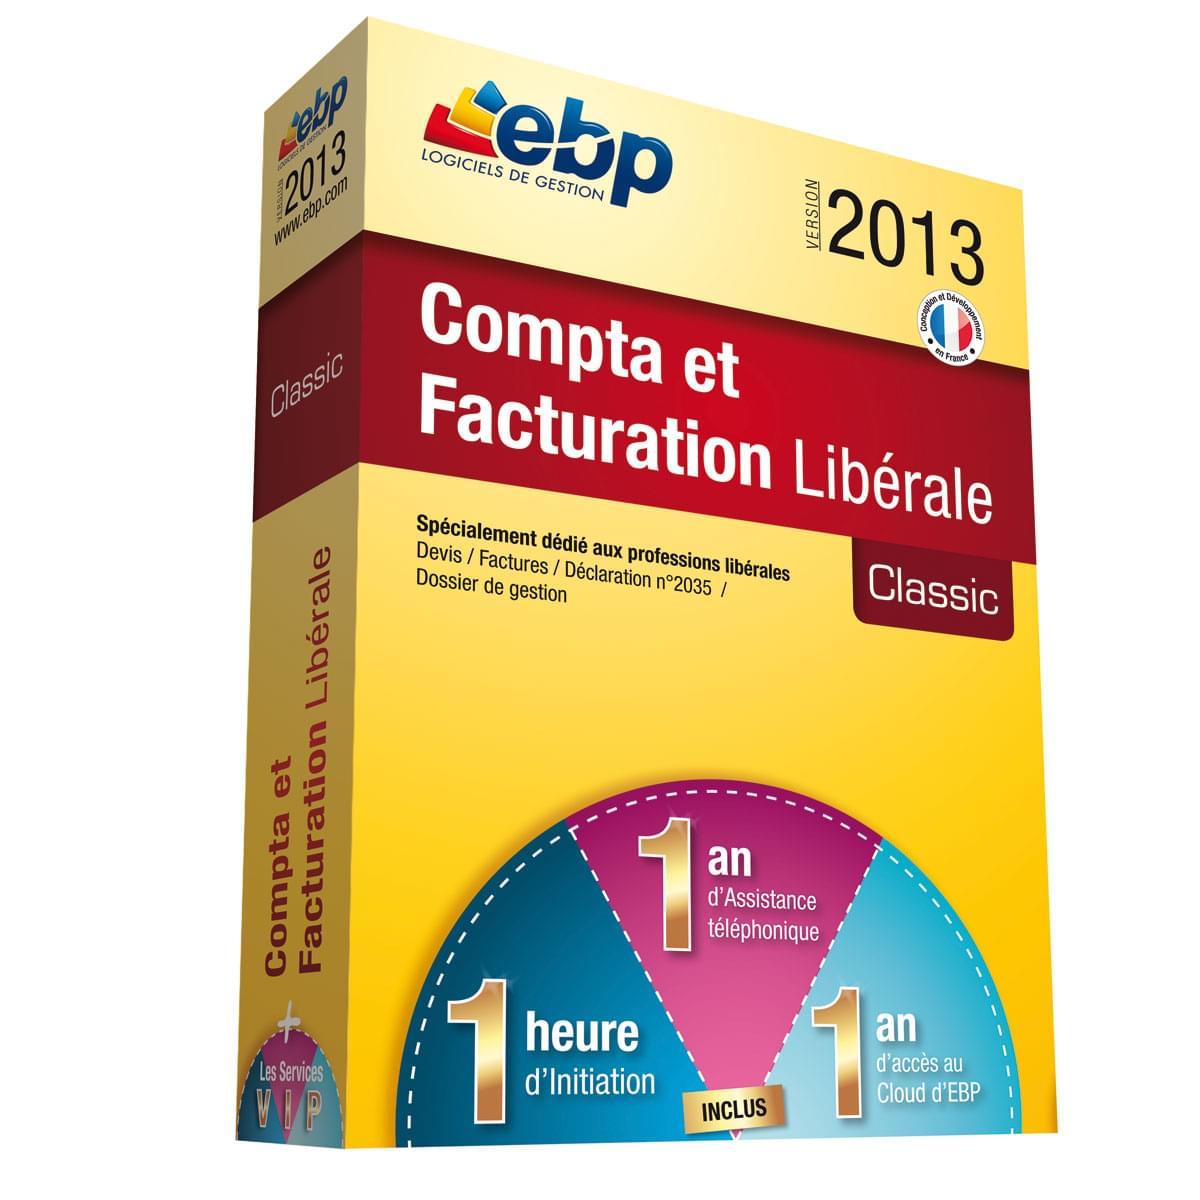 EBP Compta et Facturation Libérale 2013 + Services VIP (1161J051FAA) - Achat / Vente Logiciel Application sur Cybertek.fr - 0